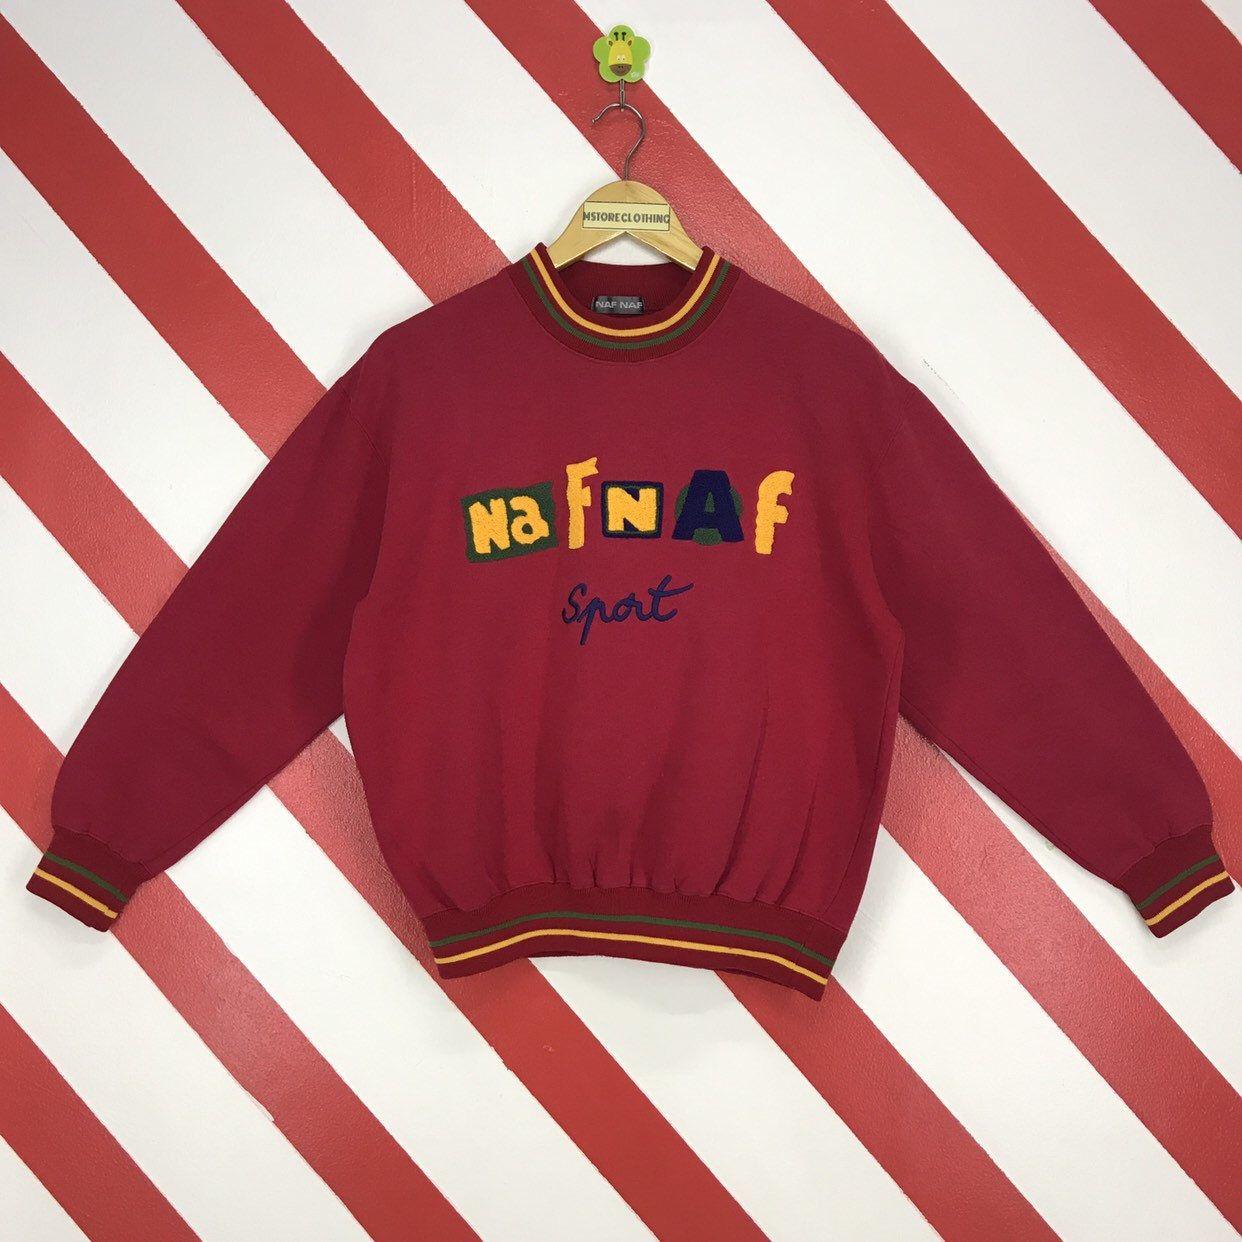 Excited To Share This Item From My Etsy Shop Vintage 90s Naf Naf Sweatshirt Crewneck Naf Naf Streetwear Sweate Crewneck Streetwear Sweatshirts 90s Sportswear [ 1242 x 1242 Pixel ]